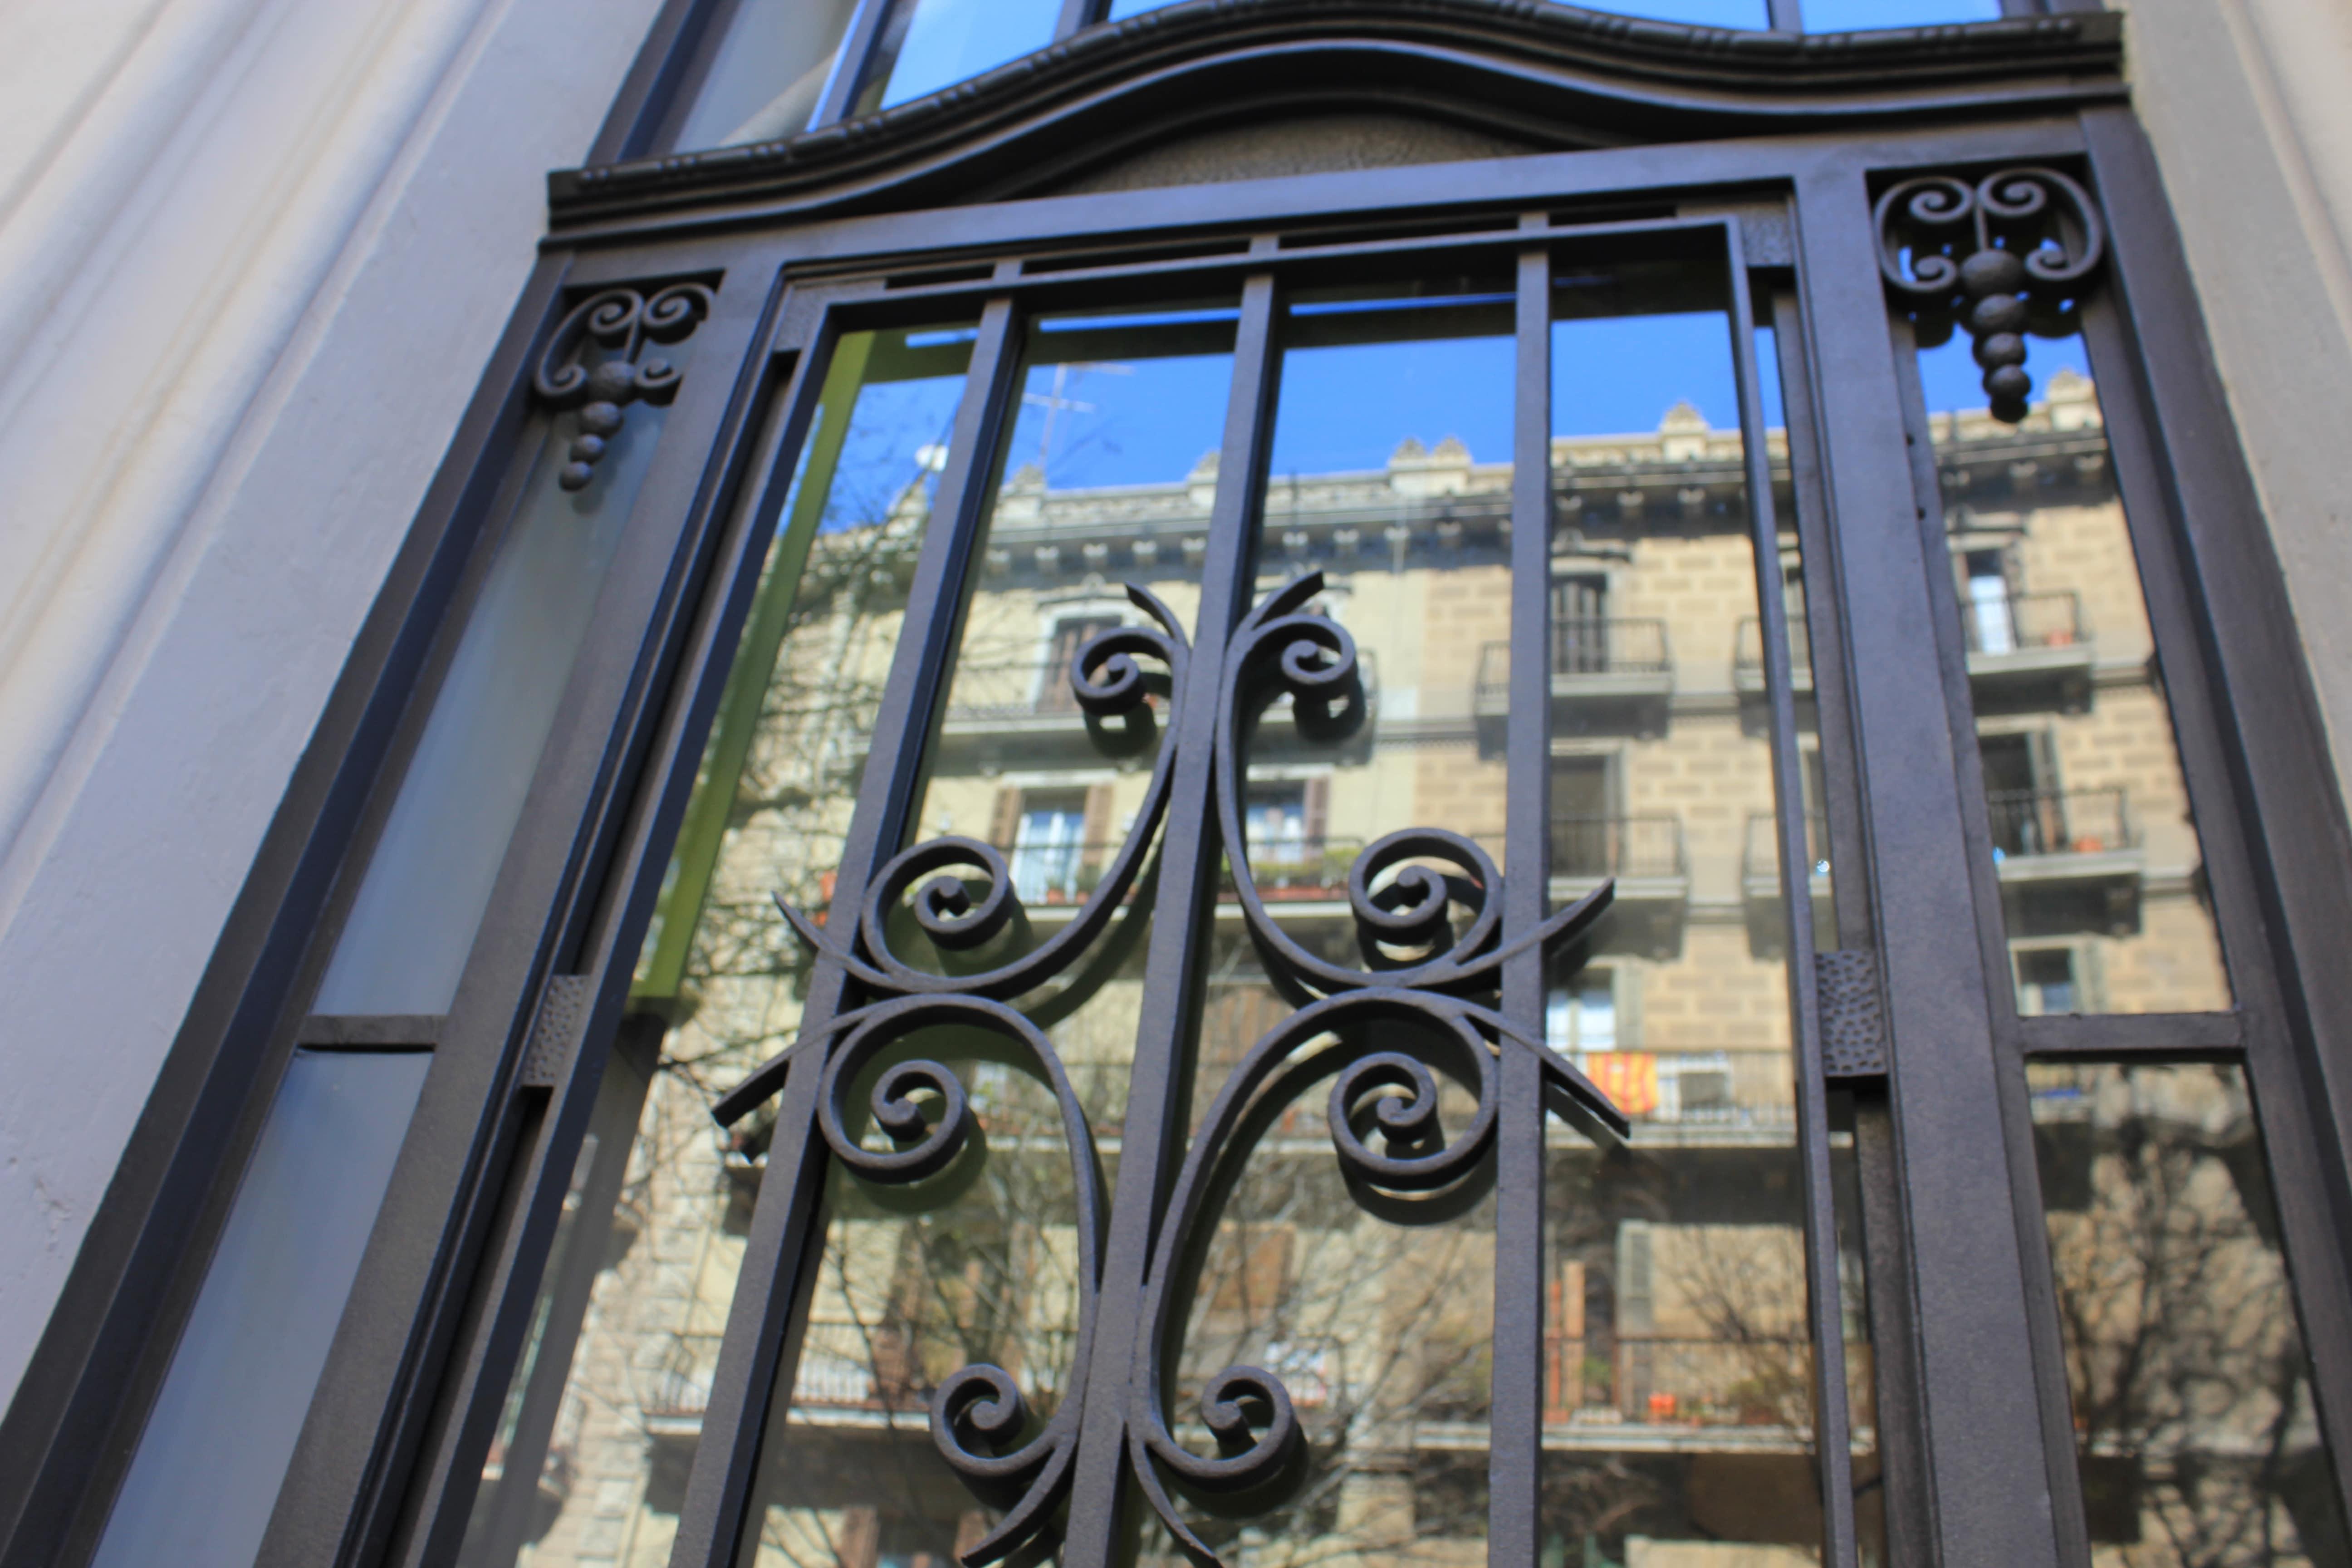 rehabilitación de edificio - Obras de remodelación exterior e interior